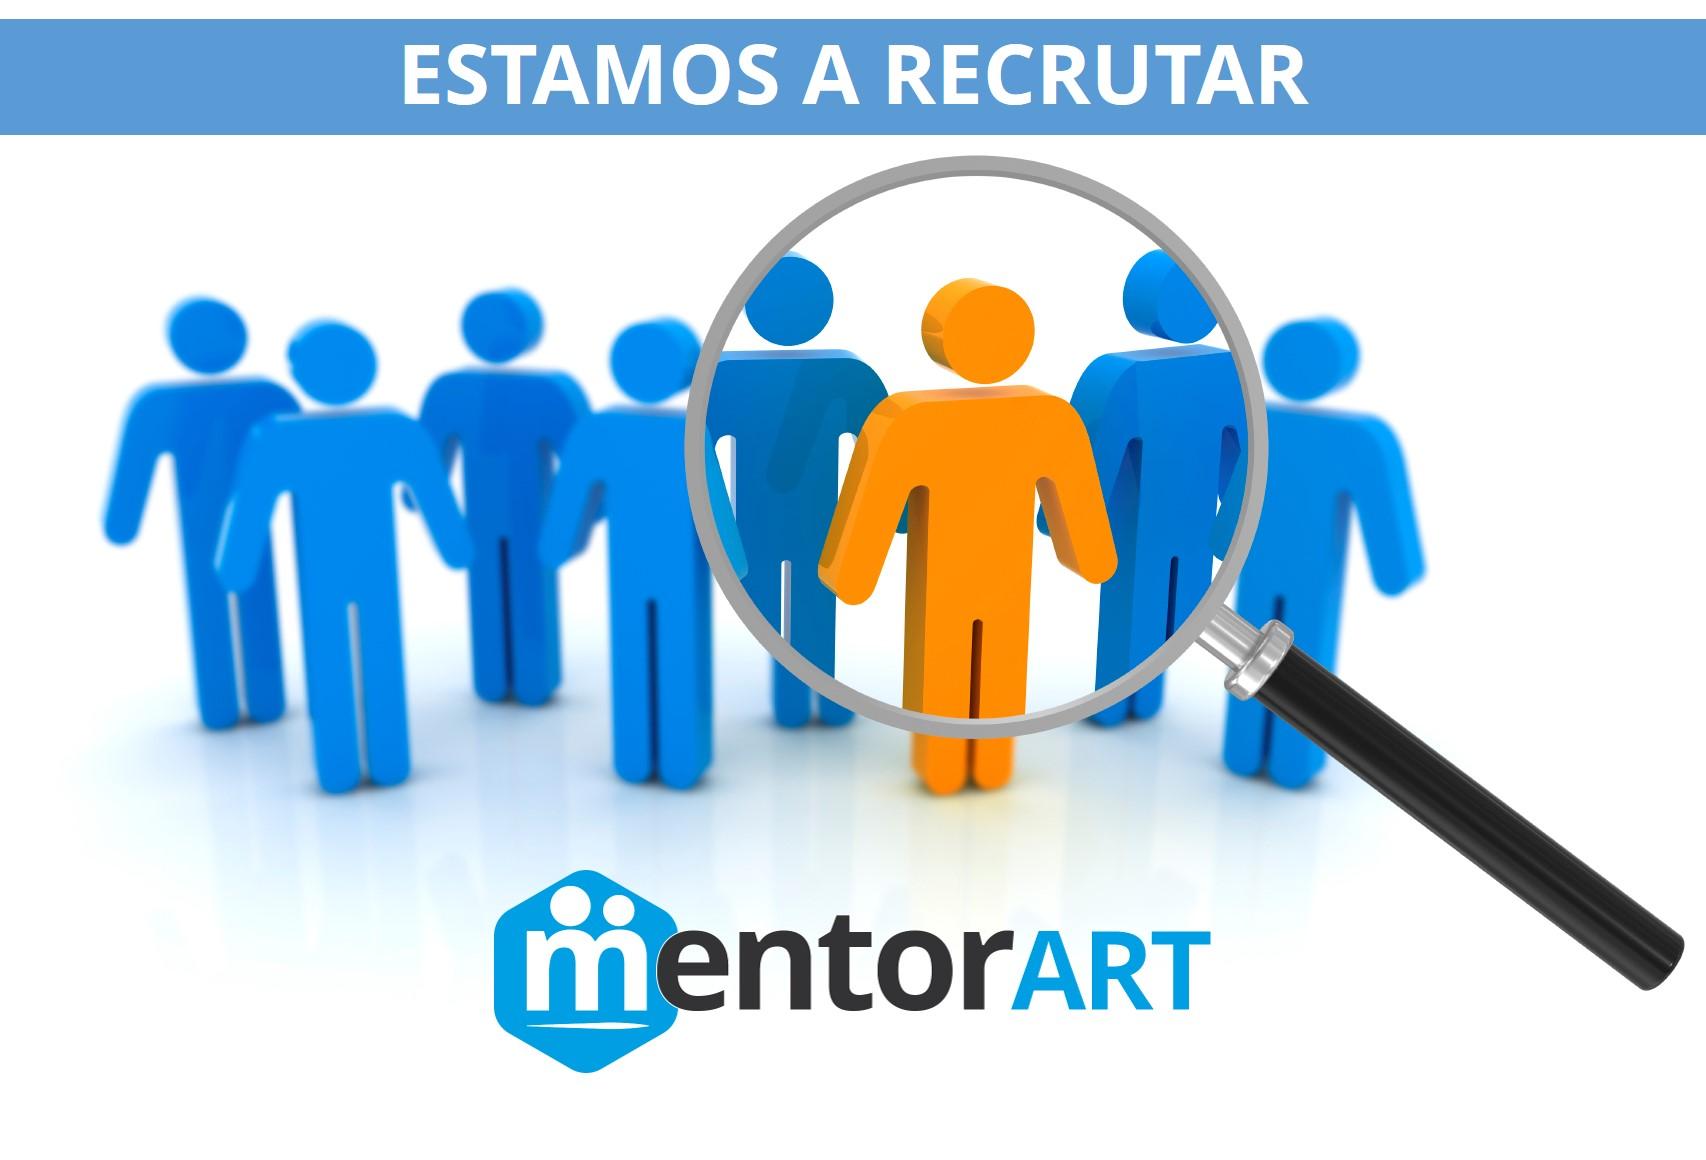 mentorart